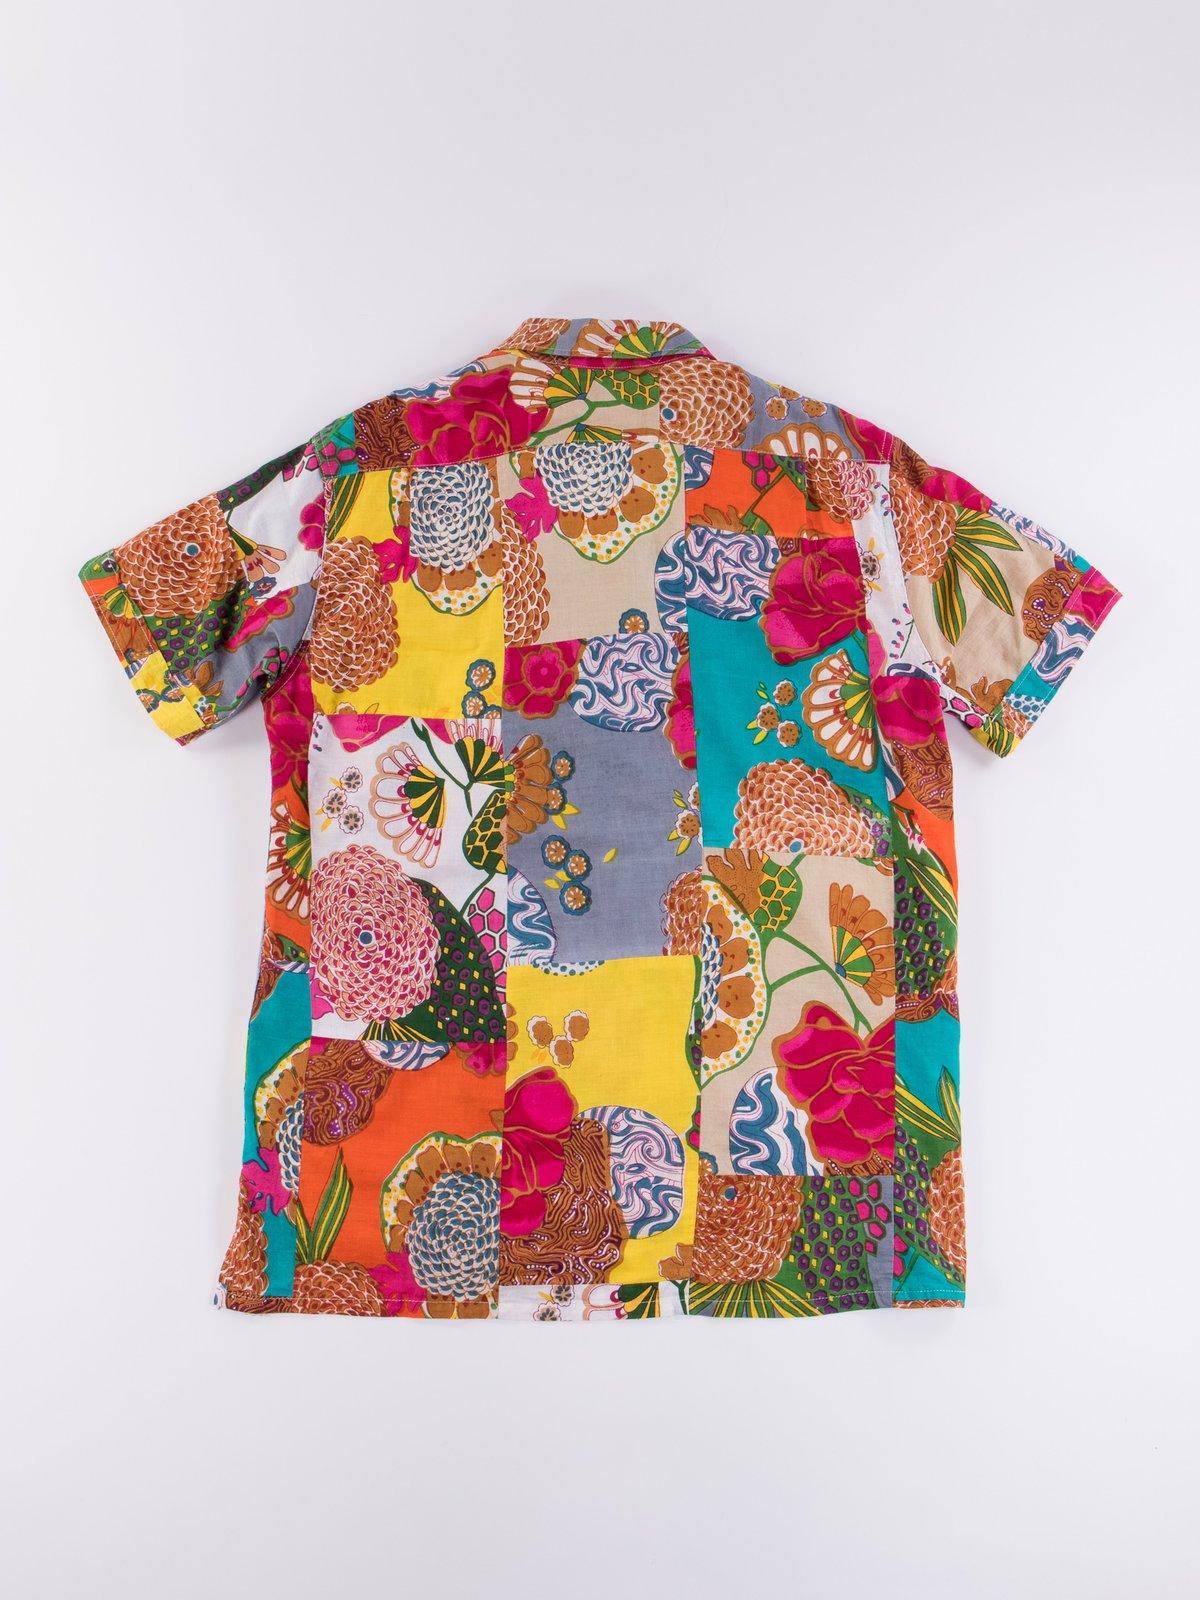 Multi Color Cotton Floral Patchwork Camp Shirt - Image 5